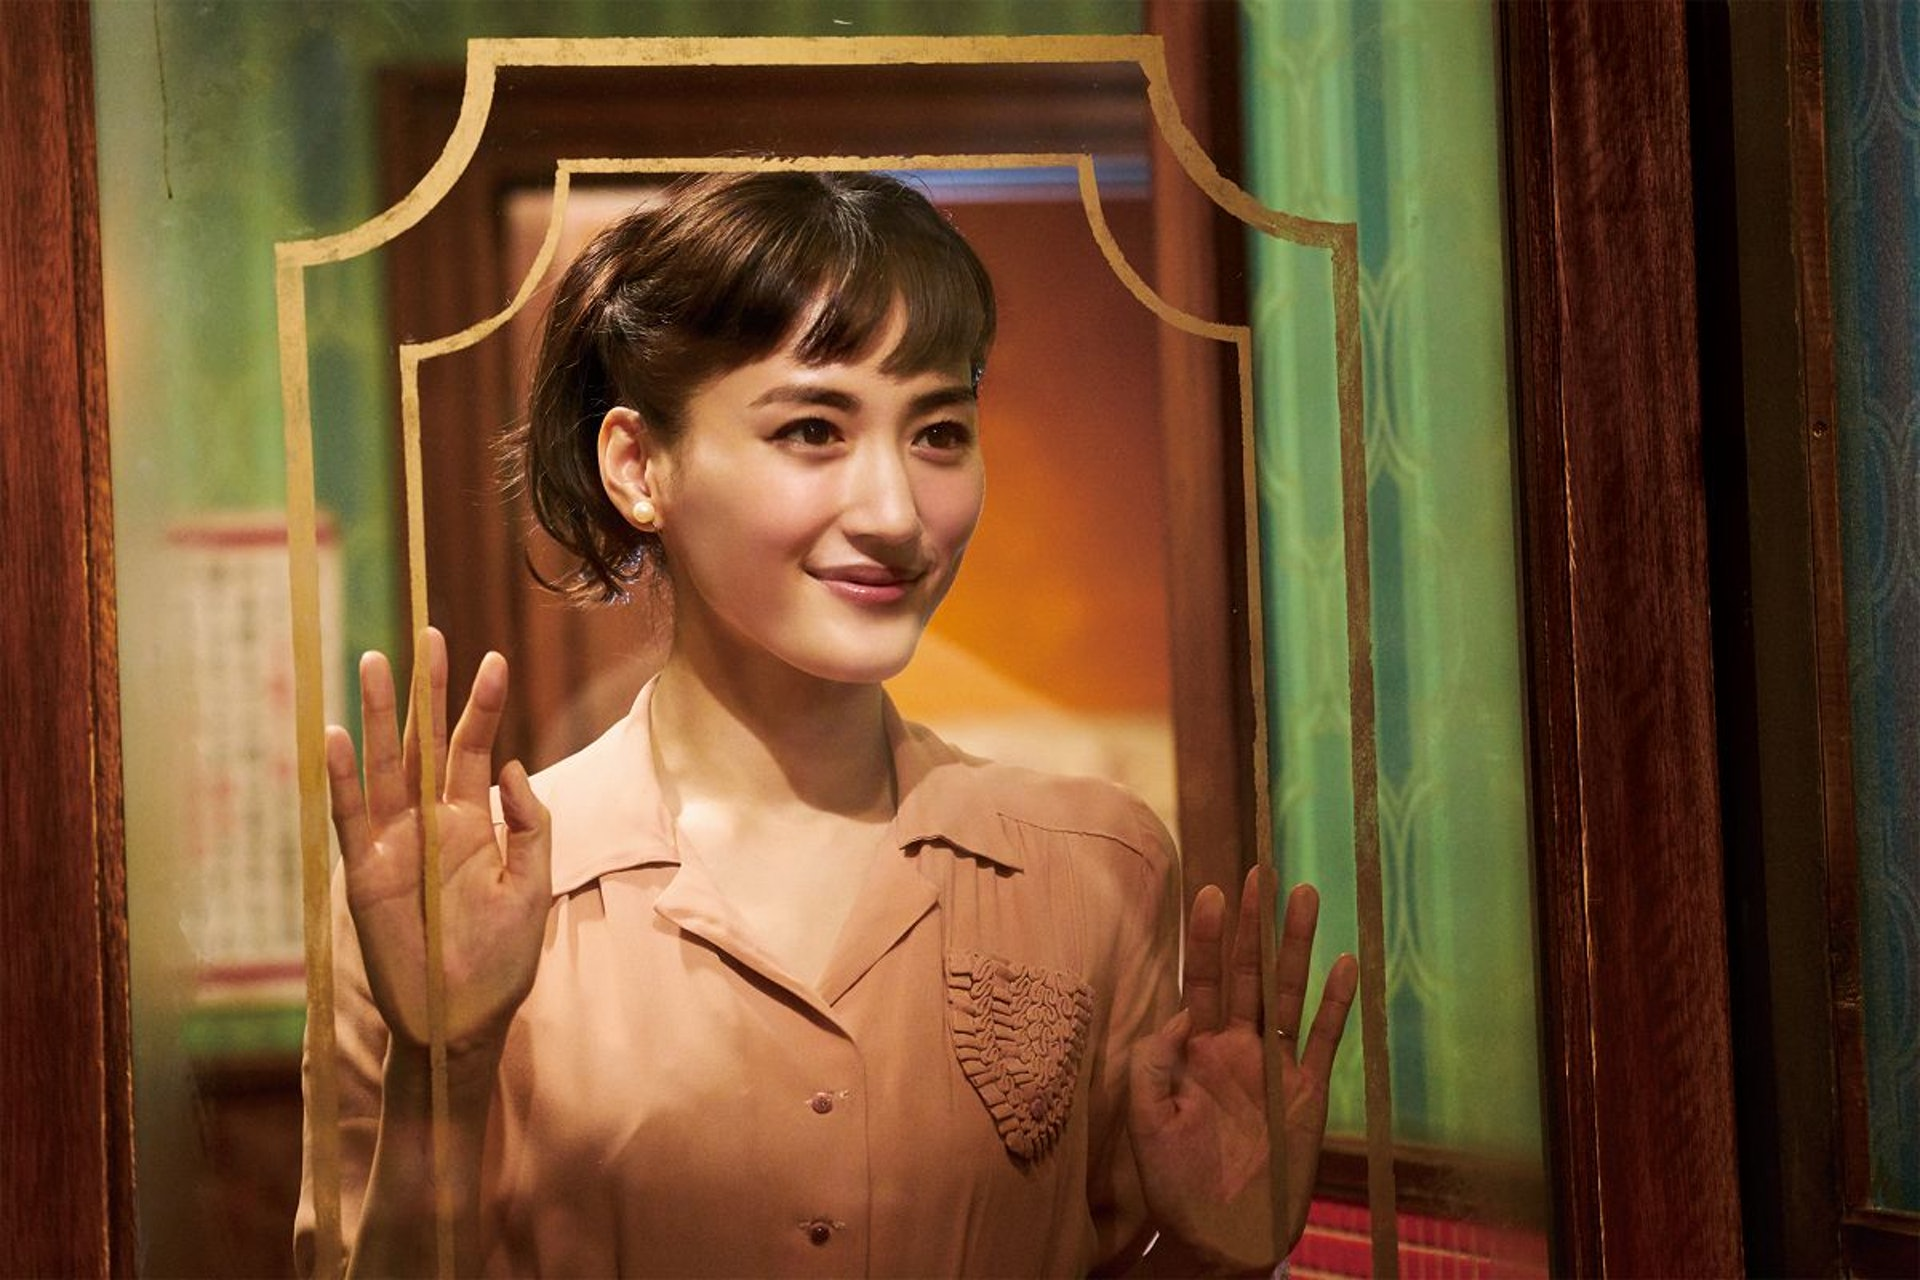 綾瀬遙現時勇氣挑戰不同的劇路 (《今夜,在浪漫劇場與妳相遇》劇照)